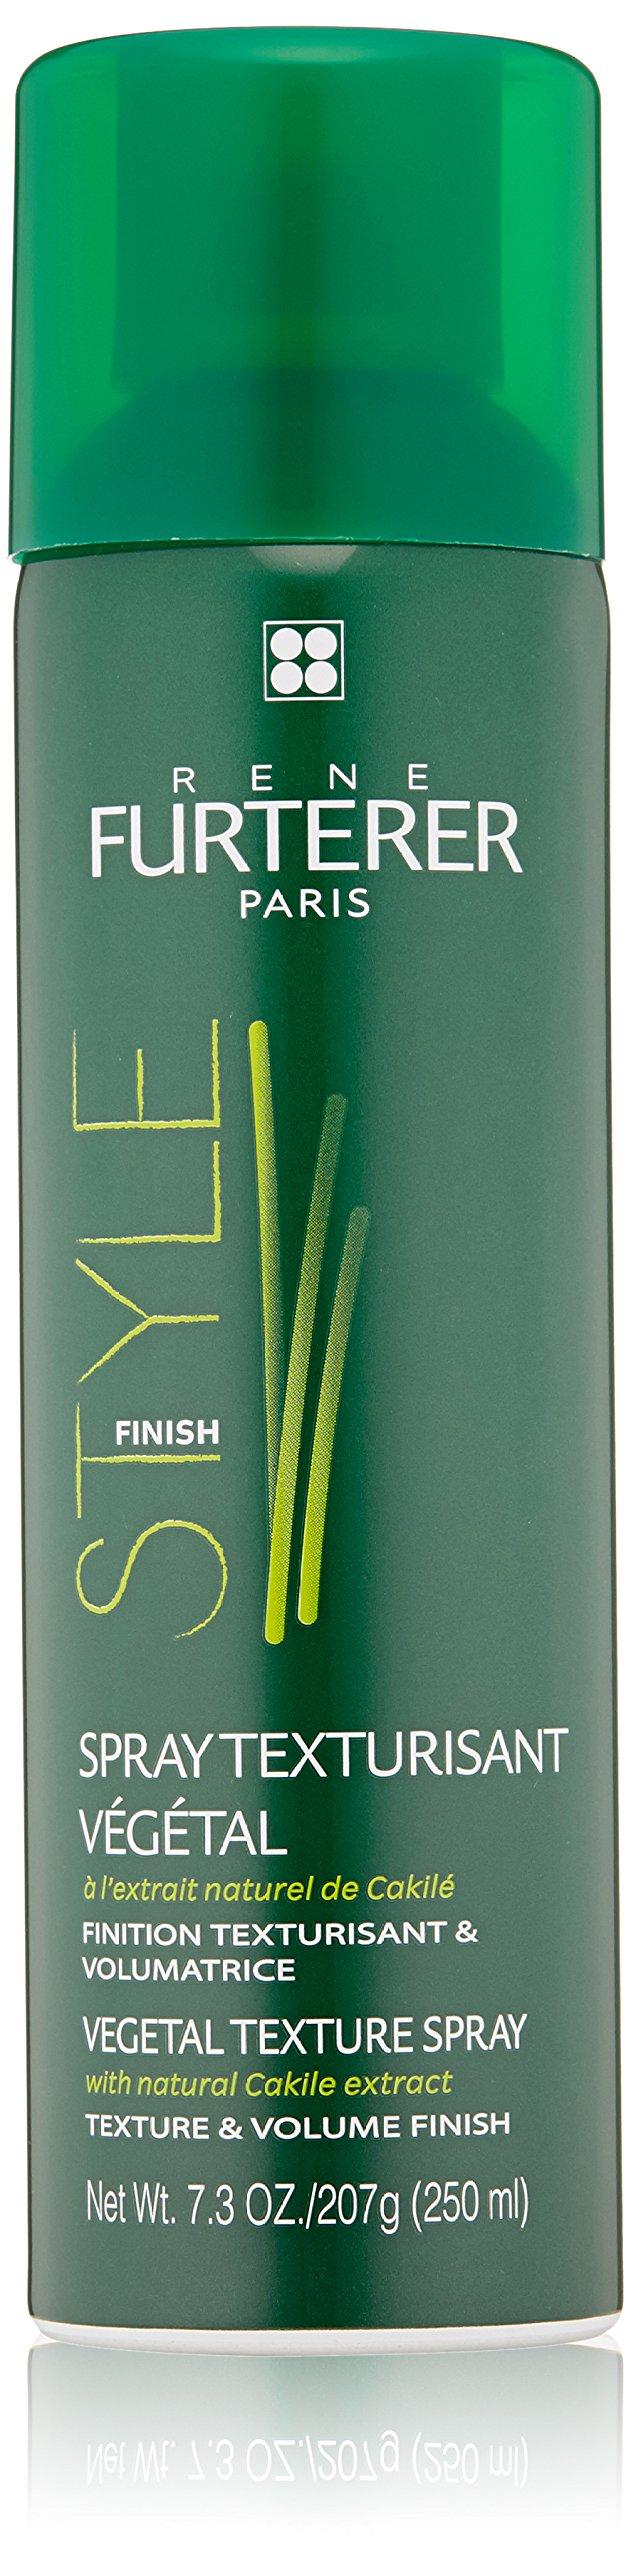 Rene Furterer Vegetal Texture Spray